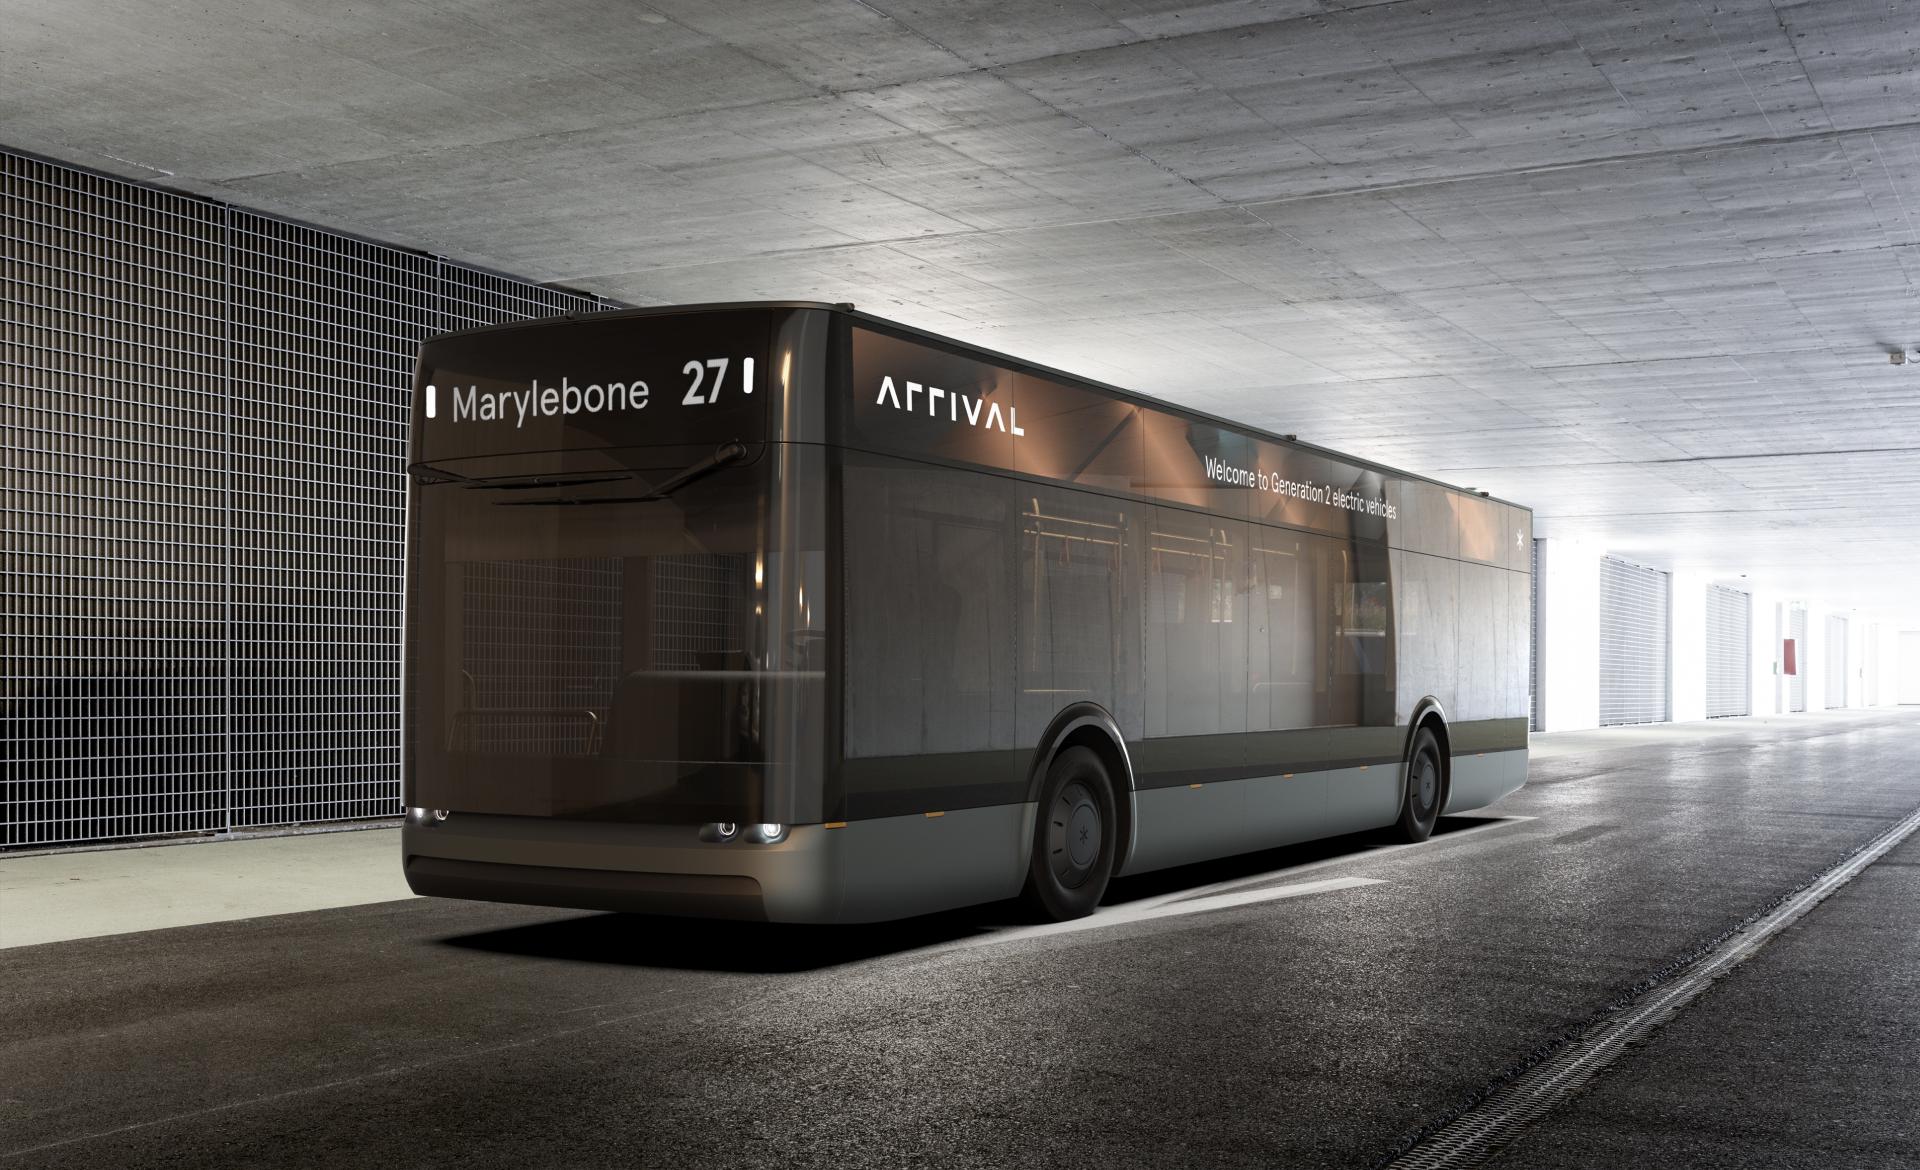 Arrival Bus